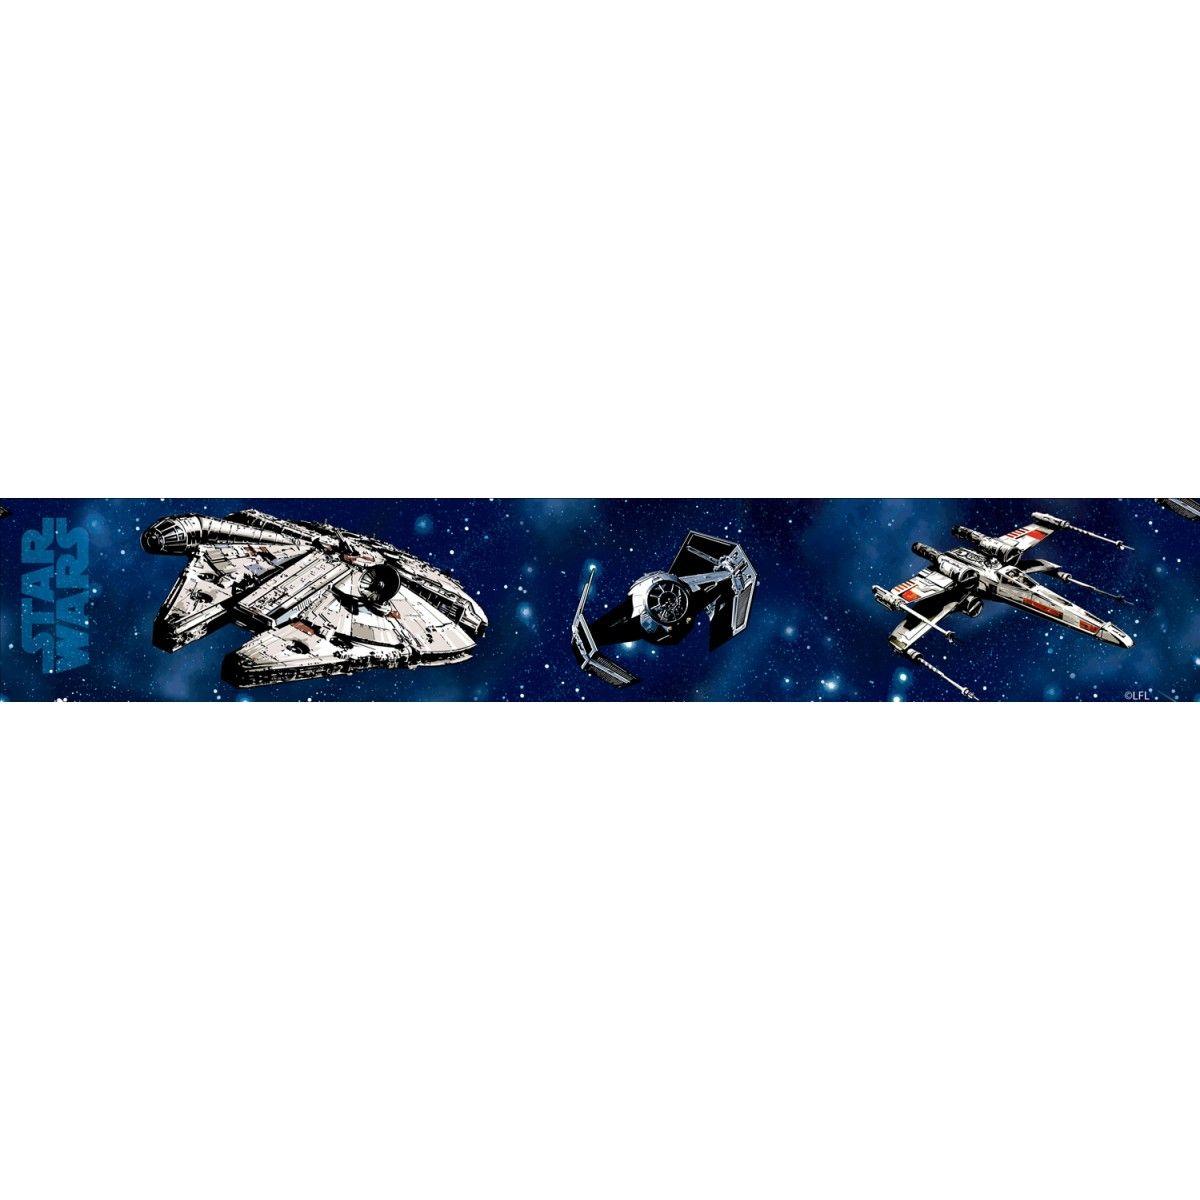 Blue bathroom wallpaper border - Star Wars Craft Self Adhesive Wallpaper Border 5m Boys Wallpaper